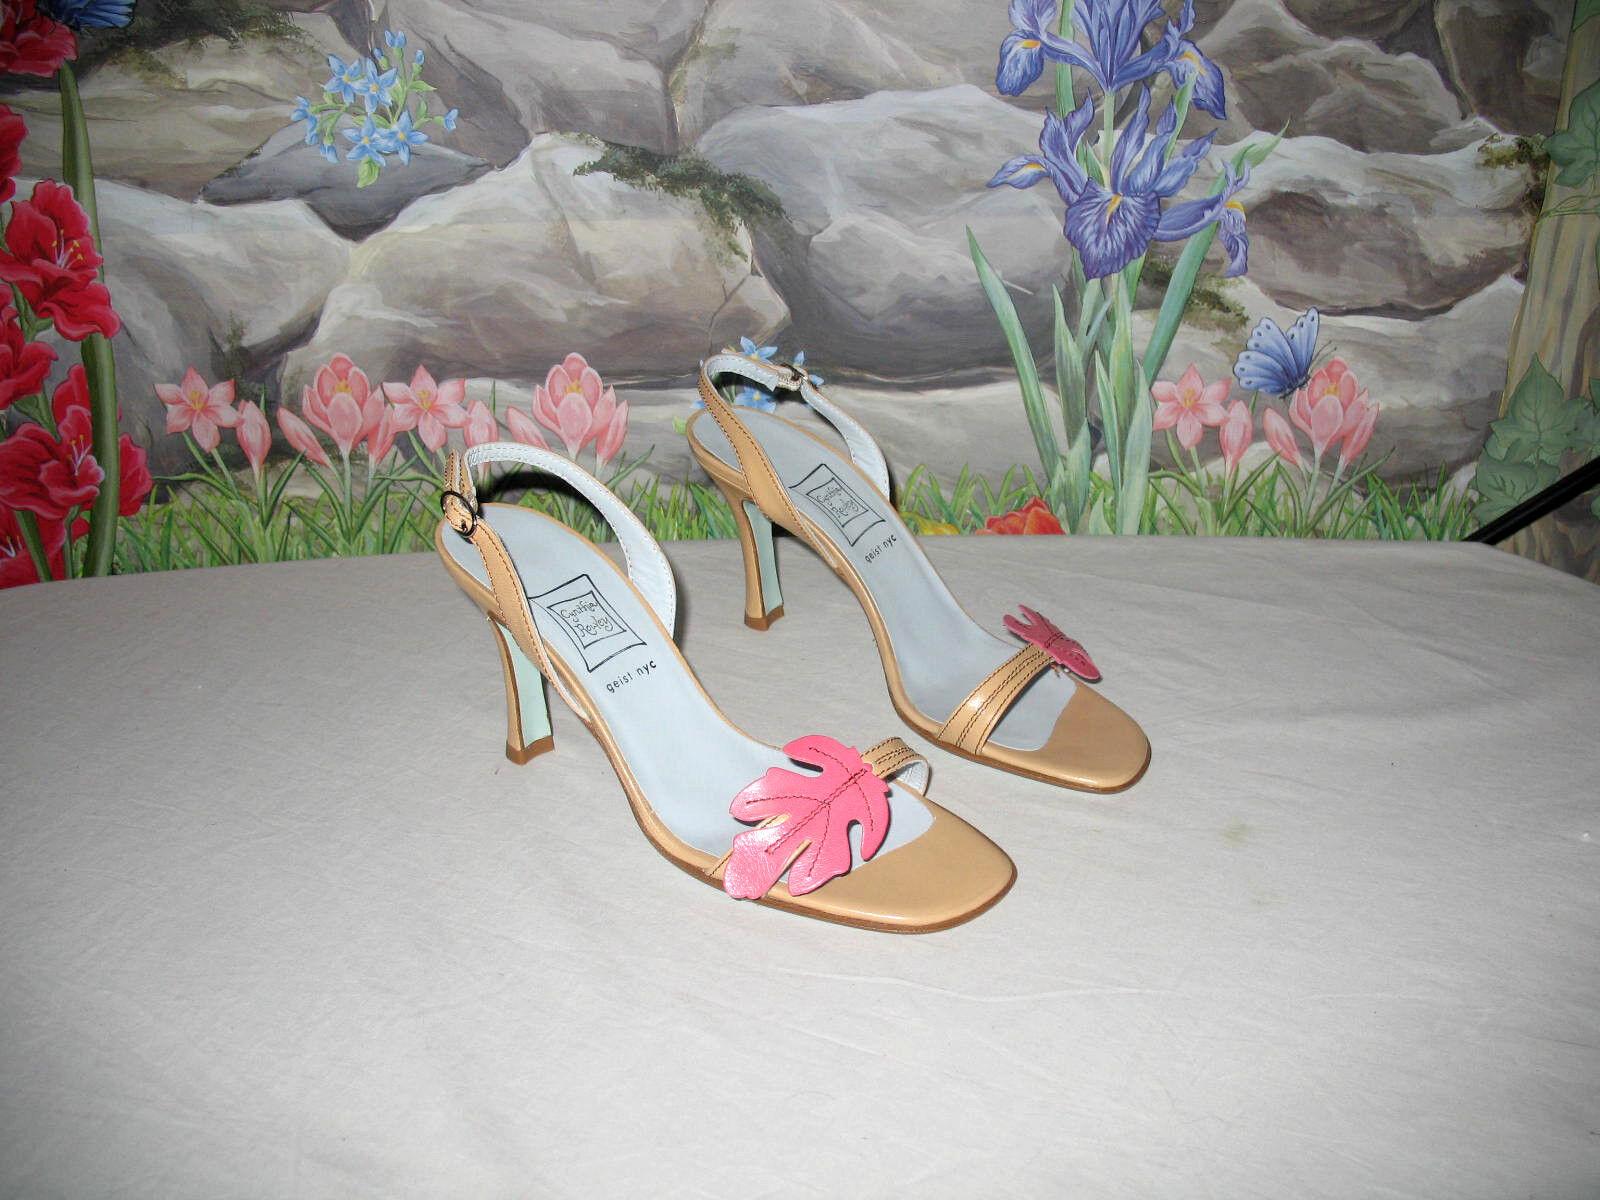 Nuevo Cynthia Rowley tan & rosado Cuero Vestido Vestido Vestido Sandalias 6.5  precios bajos todos los dias